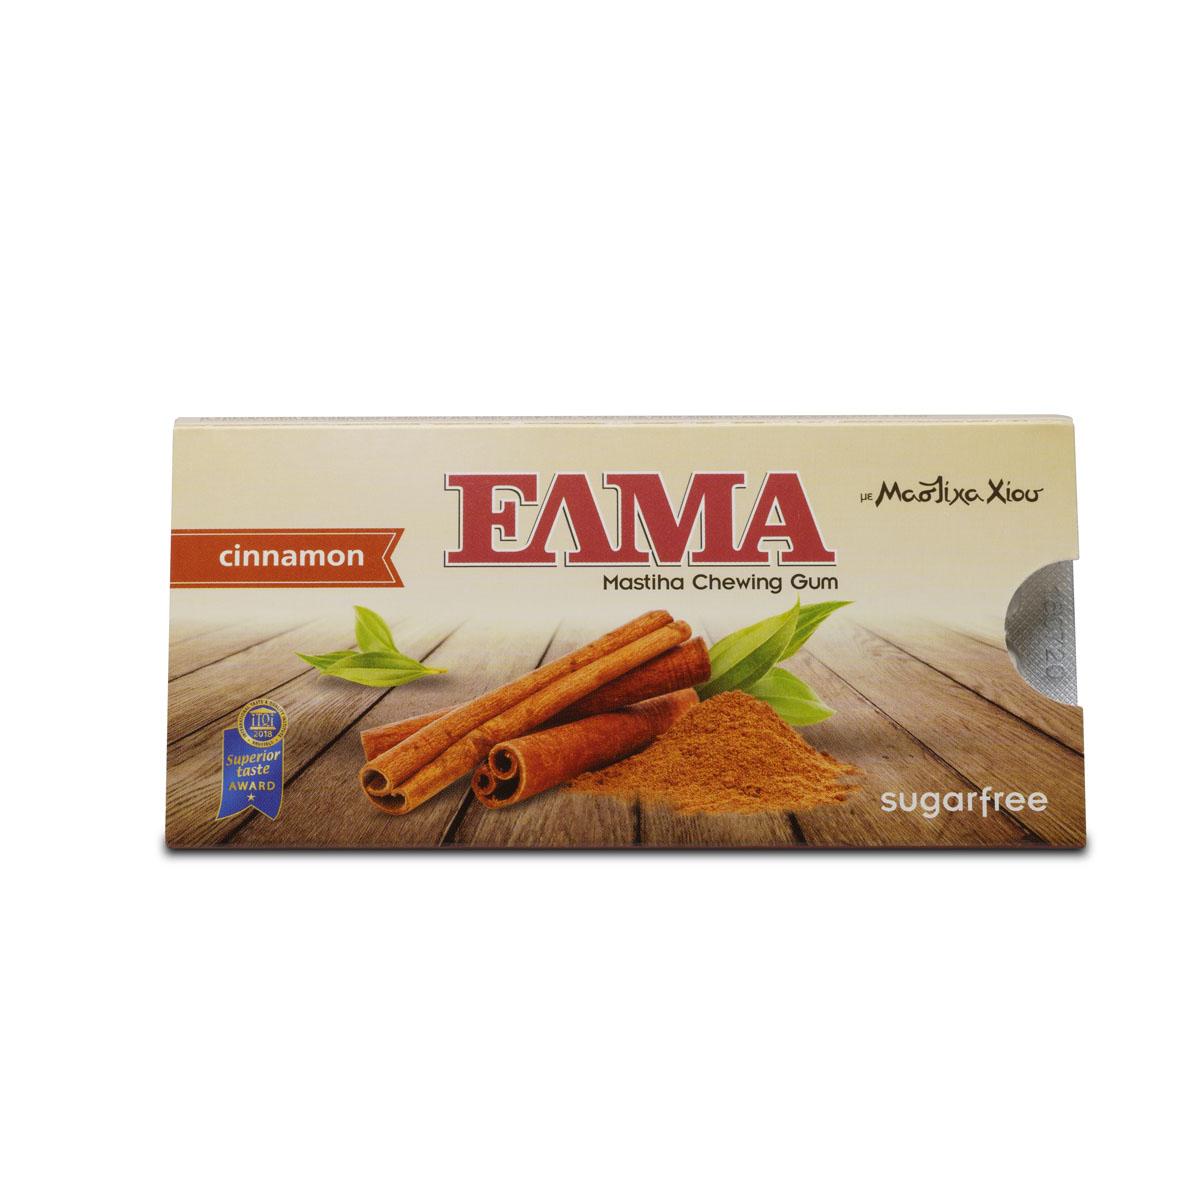 Levně ELMA mastichové žvýkačky máta, dražé 10 ks Příchuť: Skořice